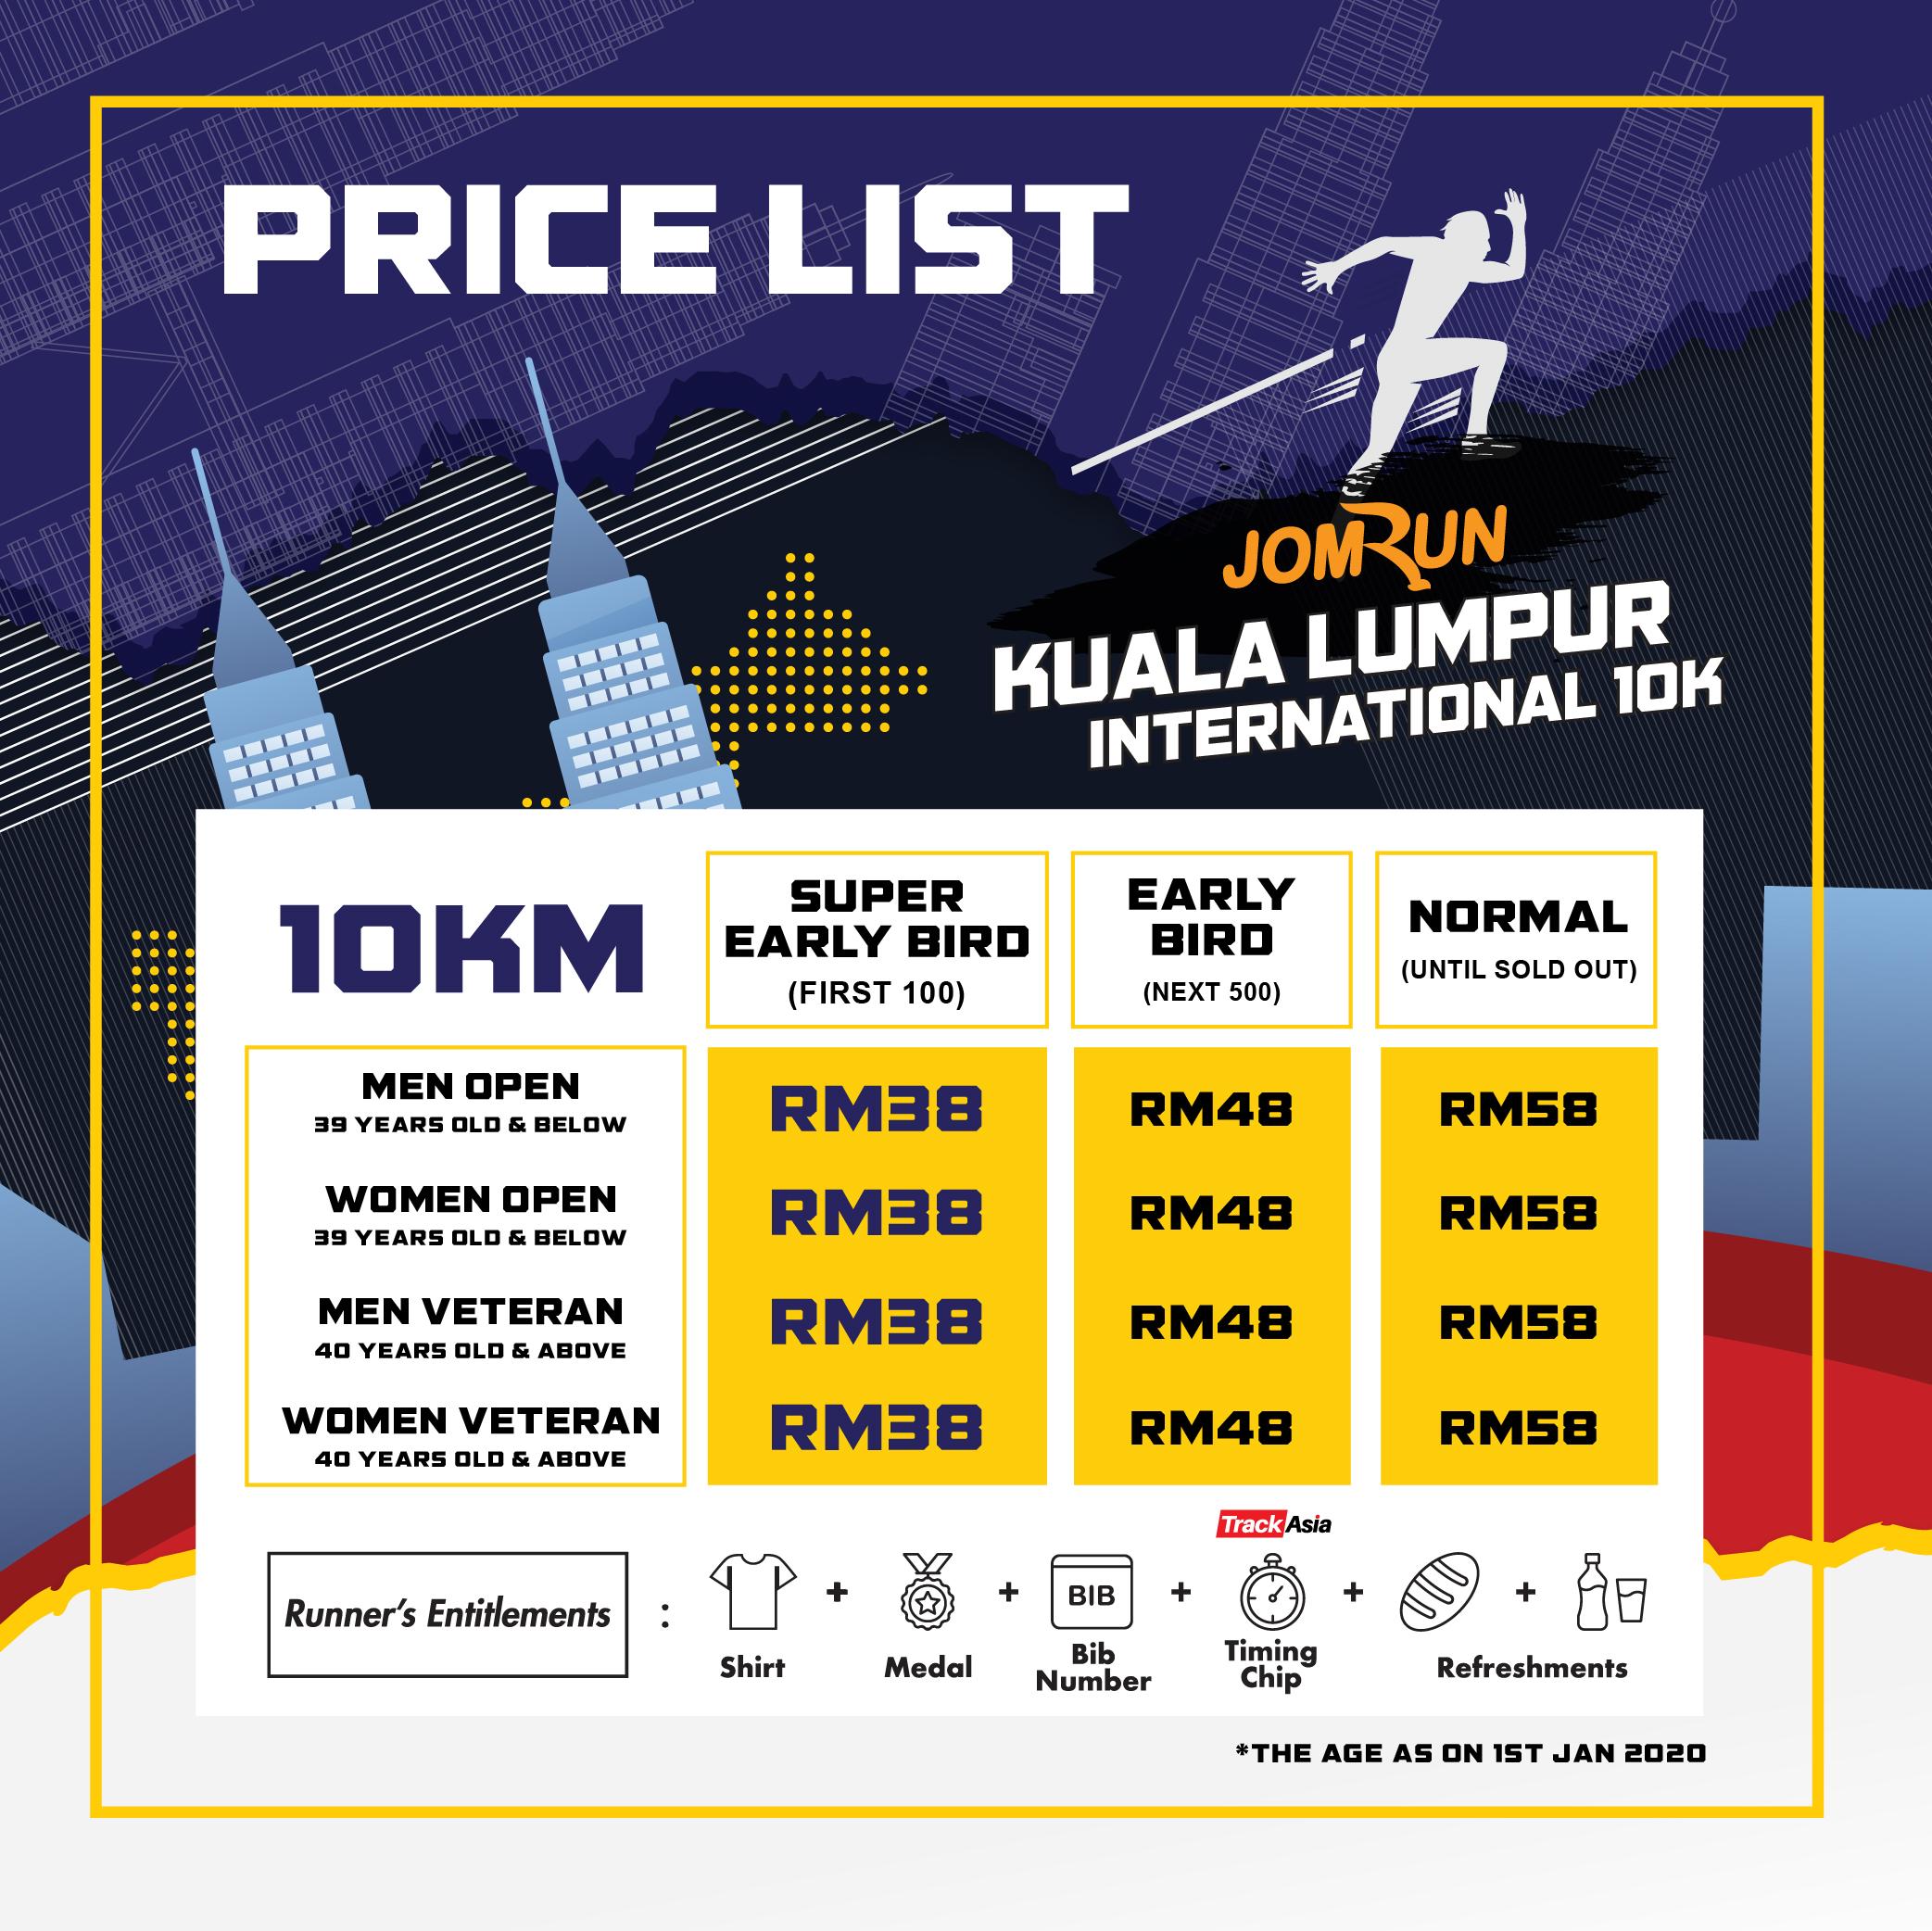 Kuala Lumpur International 10K 2021